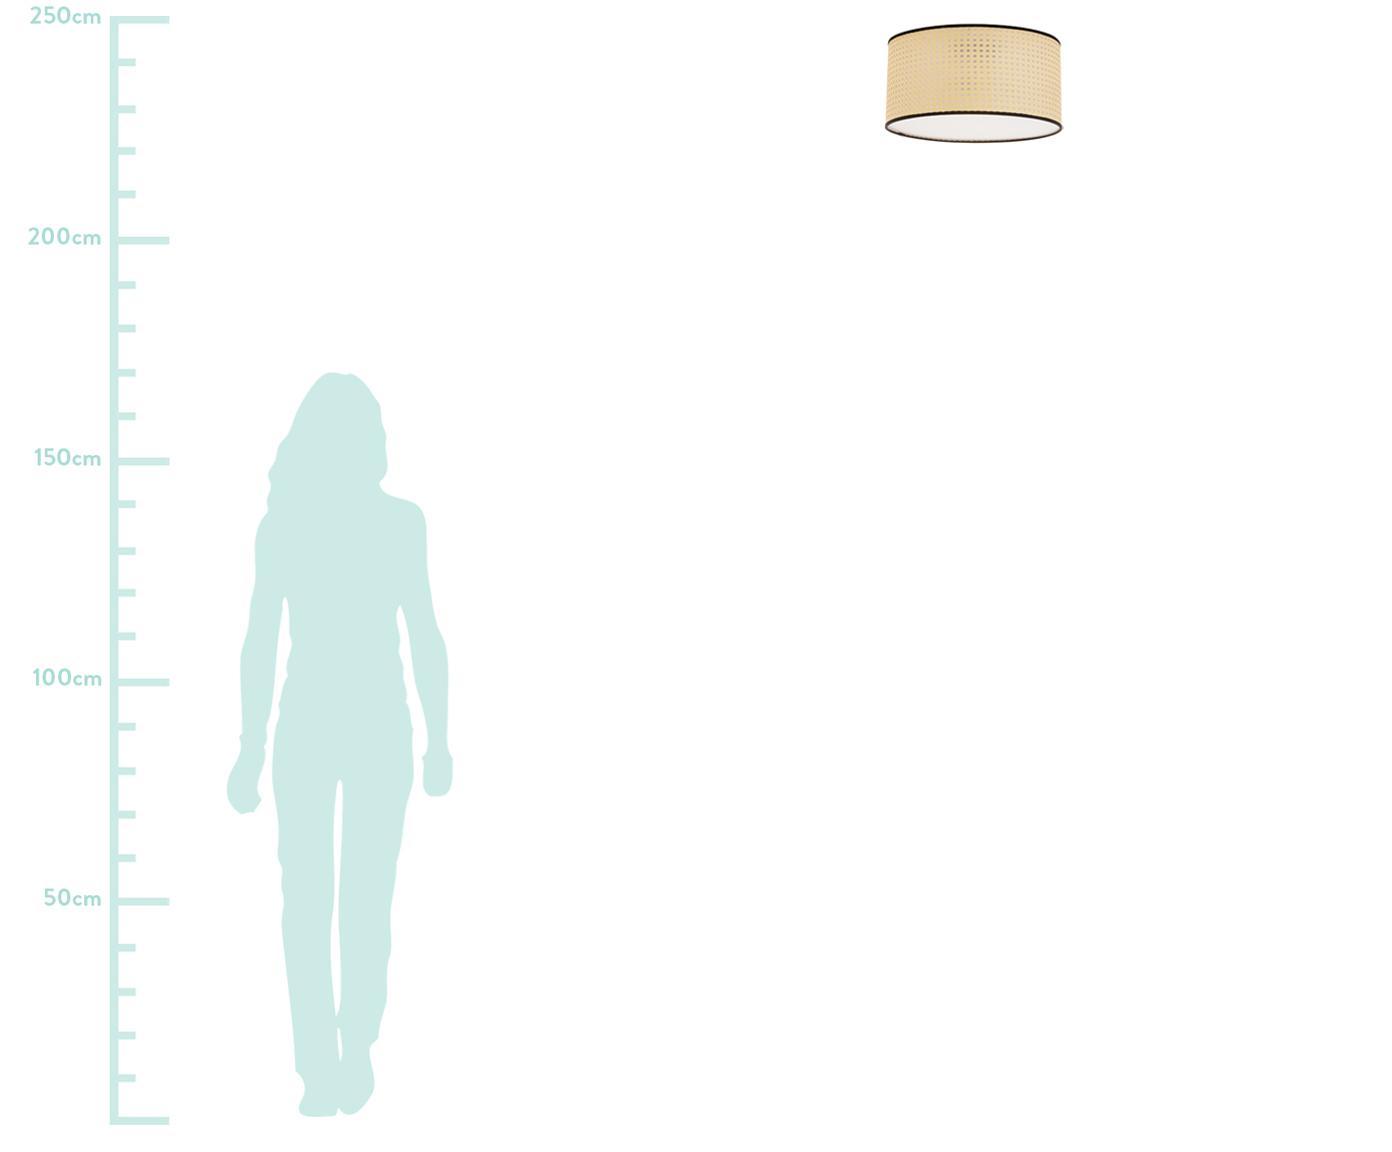 Deckenleuchte Vienna aus Wiener Geflecht, Lampenschirm: Kunststoff, Baldachin: Metall, pulverbeschichtet, Diffusorscheibe: Acryl, Lampenschirm: Beige, SchwarzBaldachin: Mattschwarz, ∅ 40 x H 20 cm